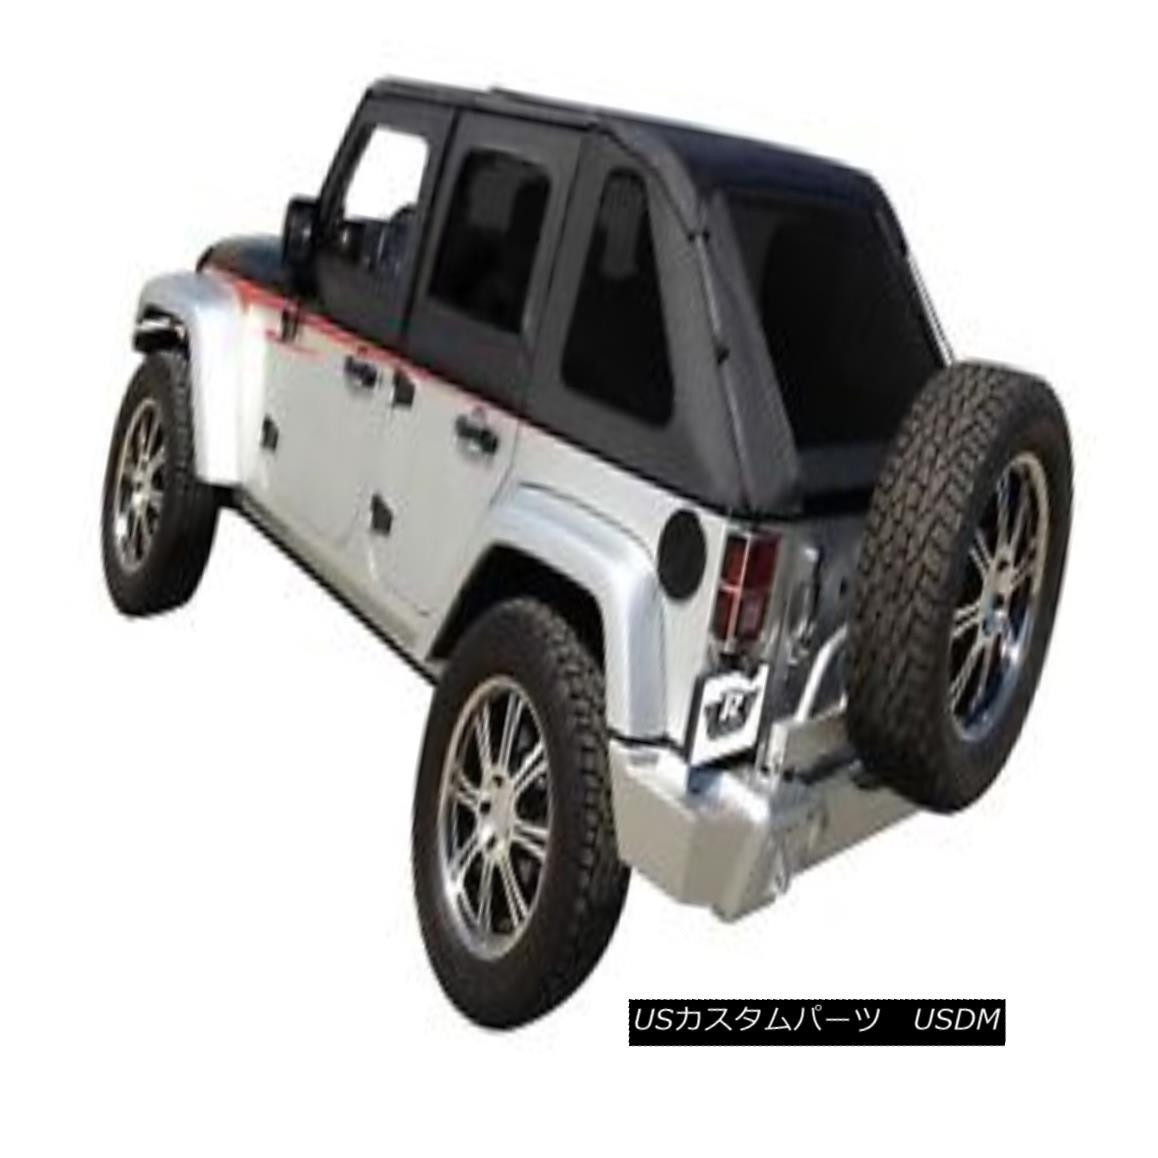 幌・ソフトトップ Rampage 109835 Frameless Soft Top Kit Sailcloth 07-13 Wrangler (JK) ランペイジ109835フレームレスソフトトップキットセーラークロス07-13ラングラー(JK)